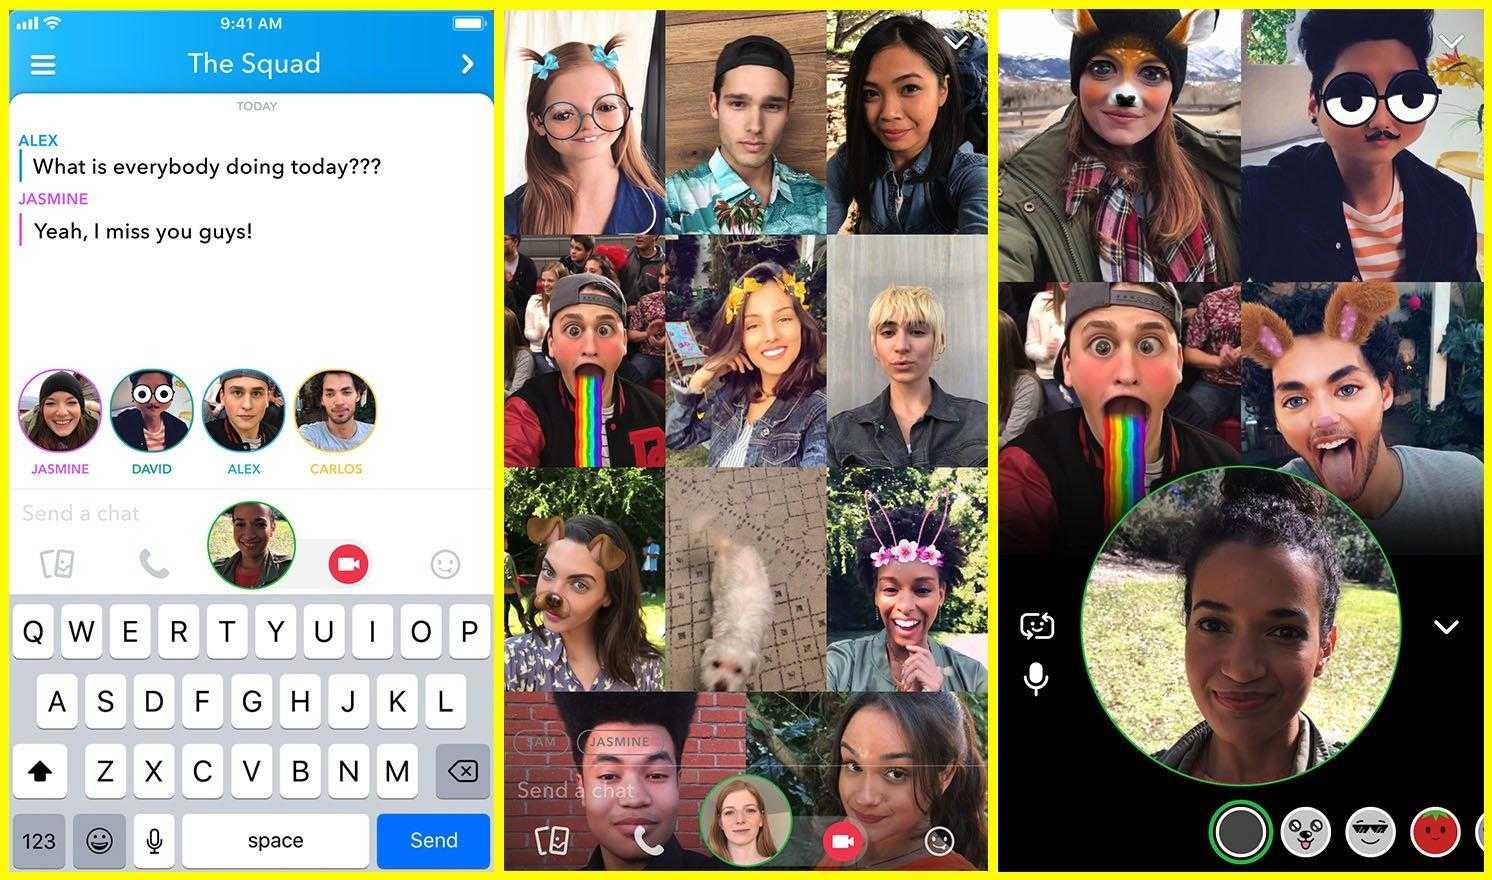 E ora su Snapchat arrivano anche video chat di gruppo e mentions